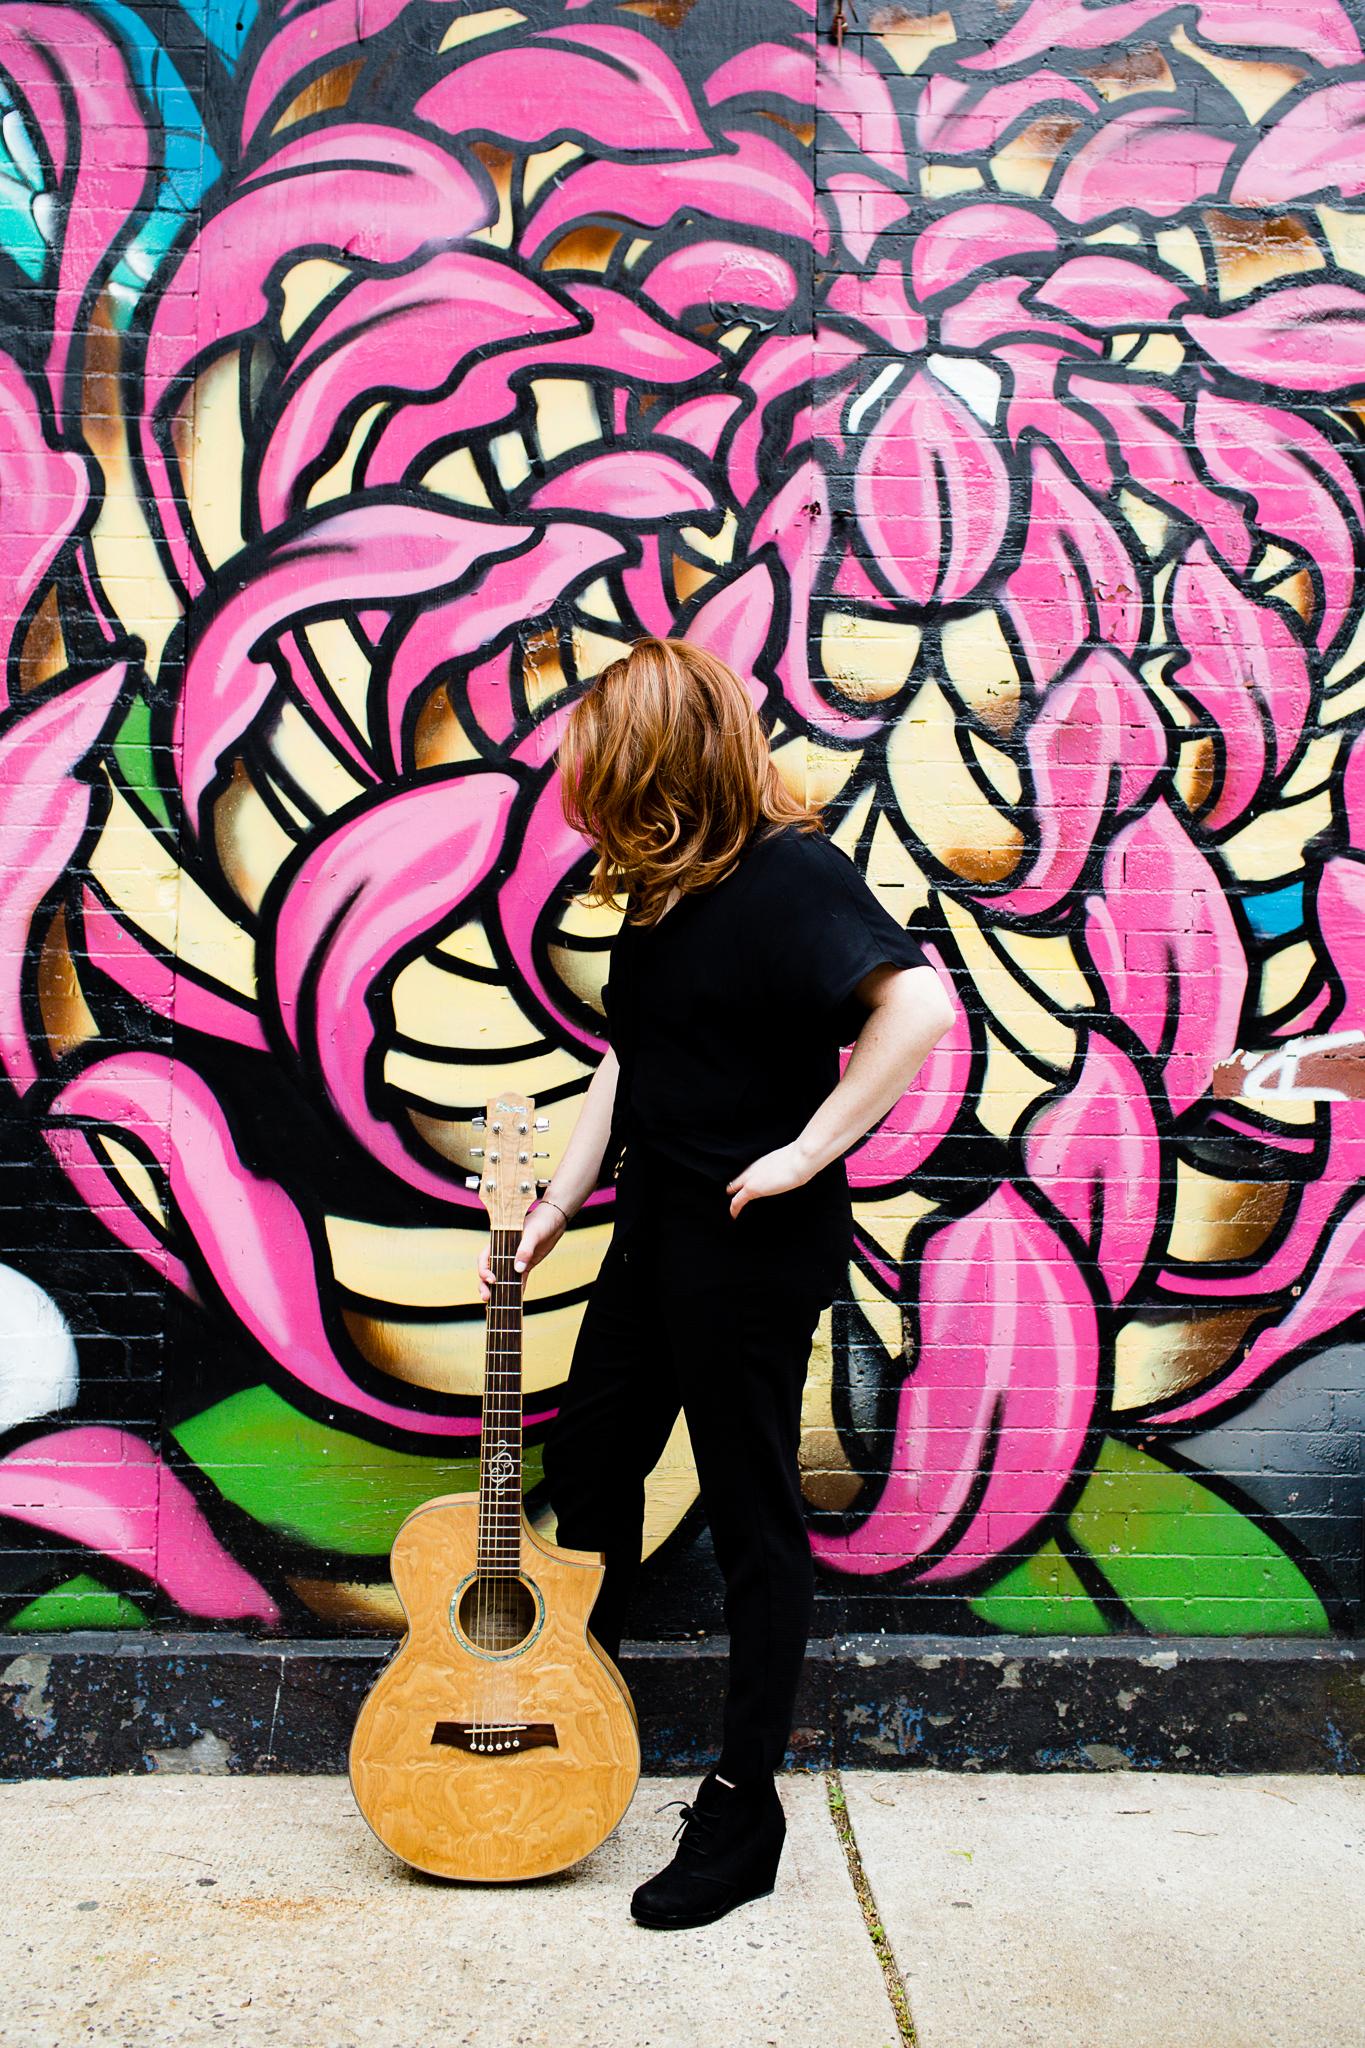 portrait-photography-nyc- williamsburg-brooklyn.jpg